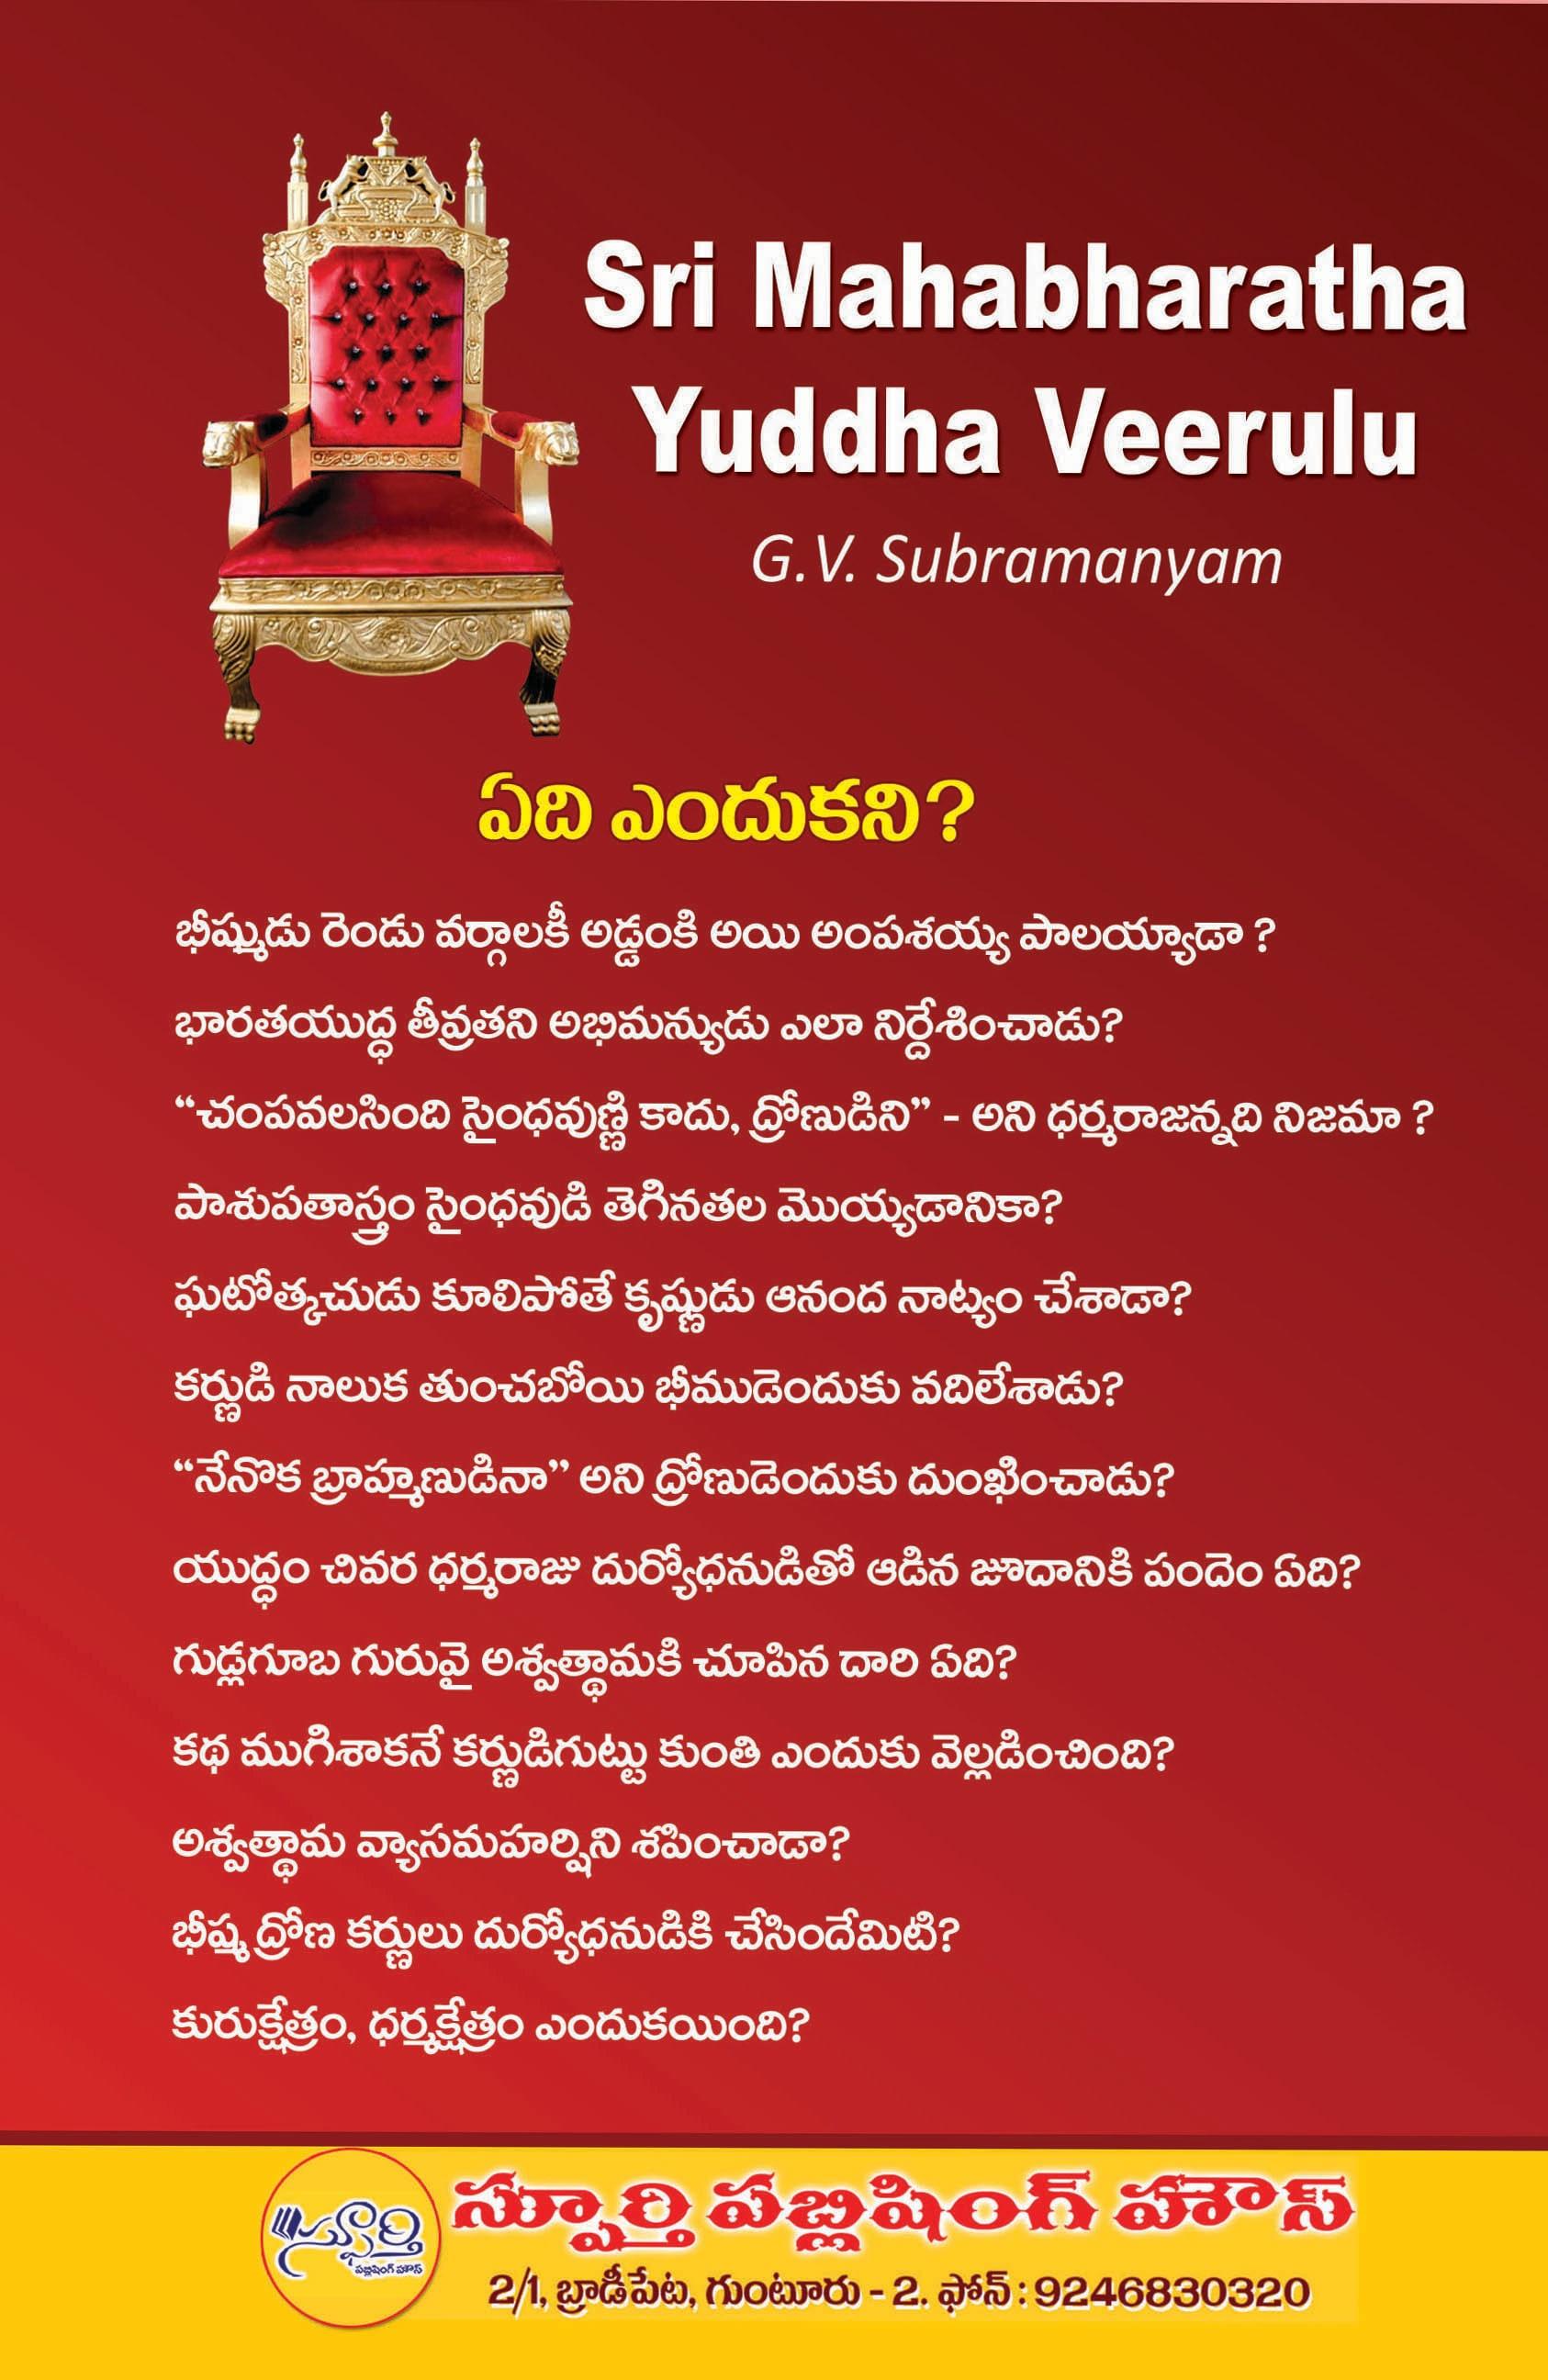 SRI MAHABHARATHA YUDDA VEERULU By G.V.Subrahmanyam